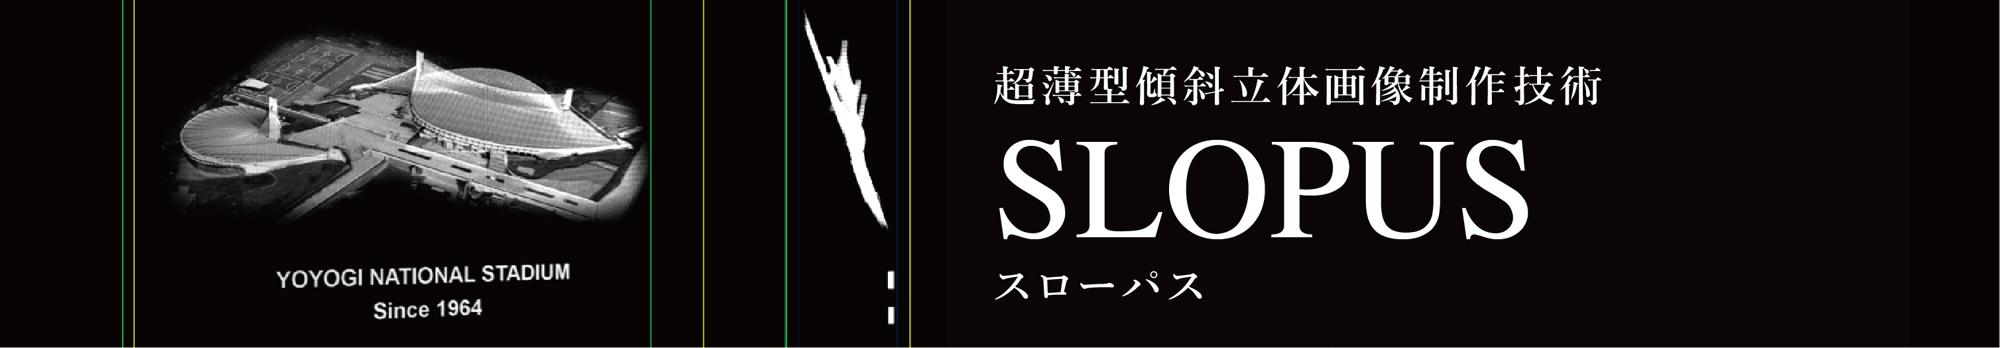 SLOPUS(スローパス)